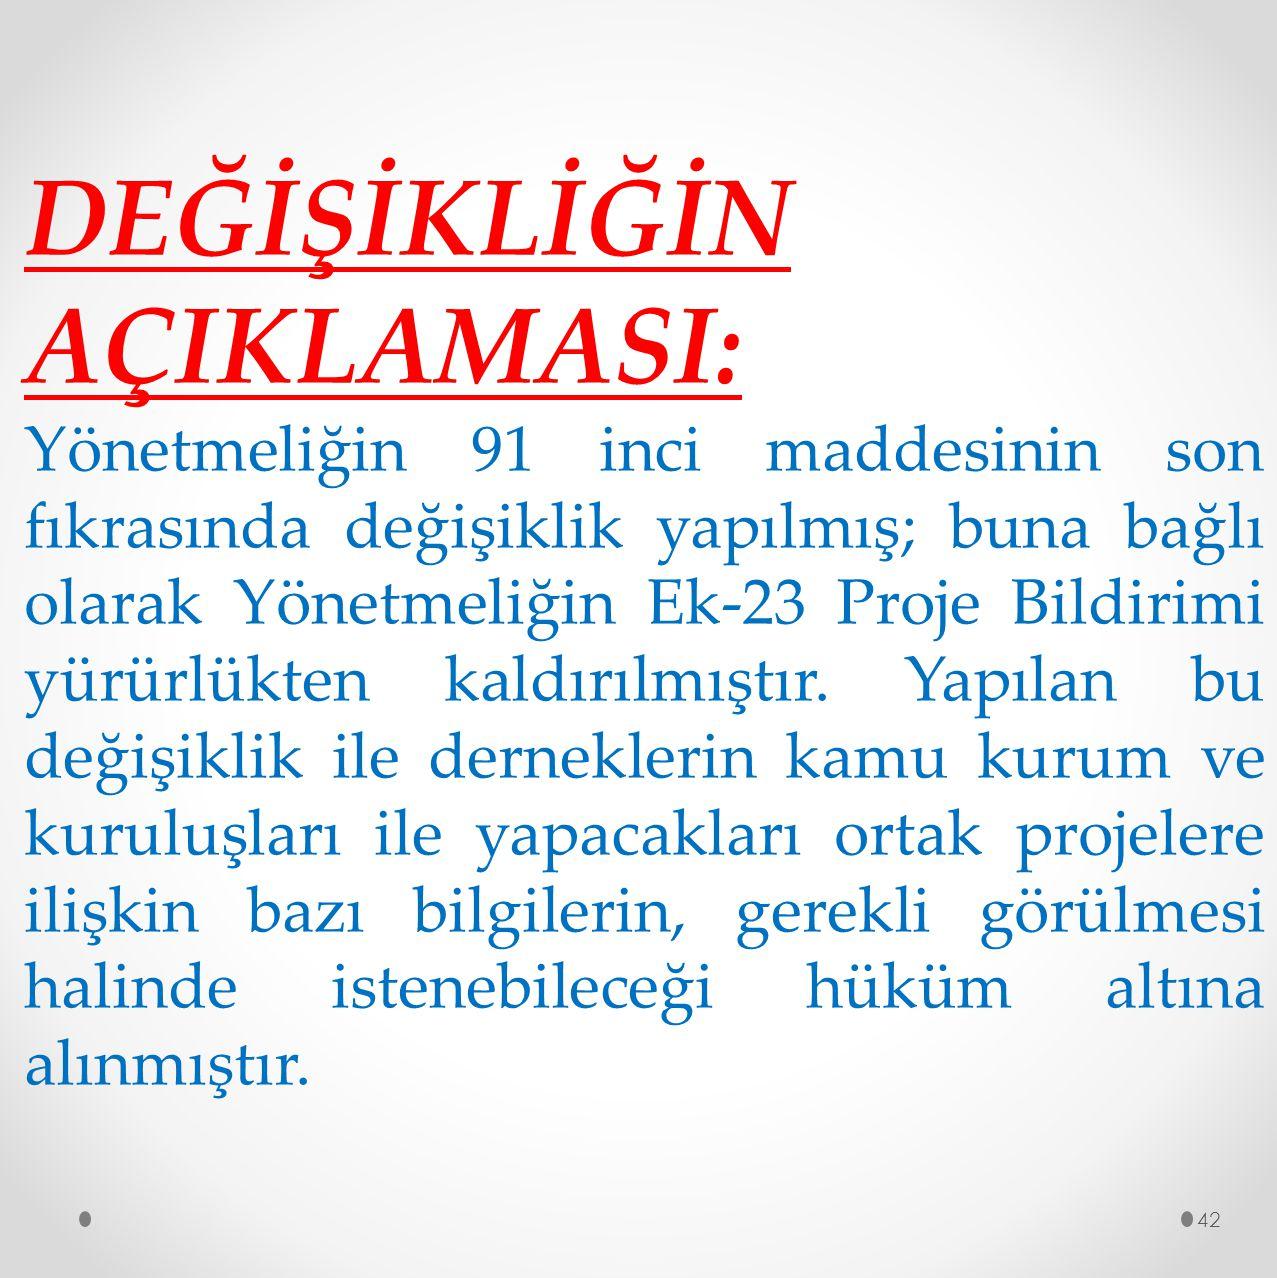 42 DEĞİŞİKLİĞİN AÇIKLAMASI: Yönetmeliğin 91 inci maddesinin son fıkrasında değişiklik yapılmış; buna bağlı olarak Yönetmeliğin Ek-23 Proje Bildirimi y